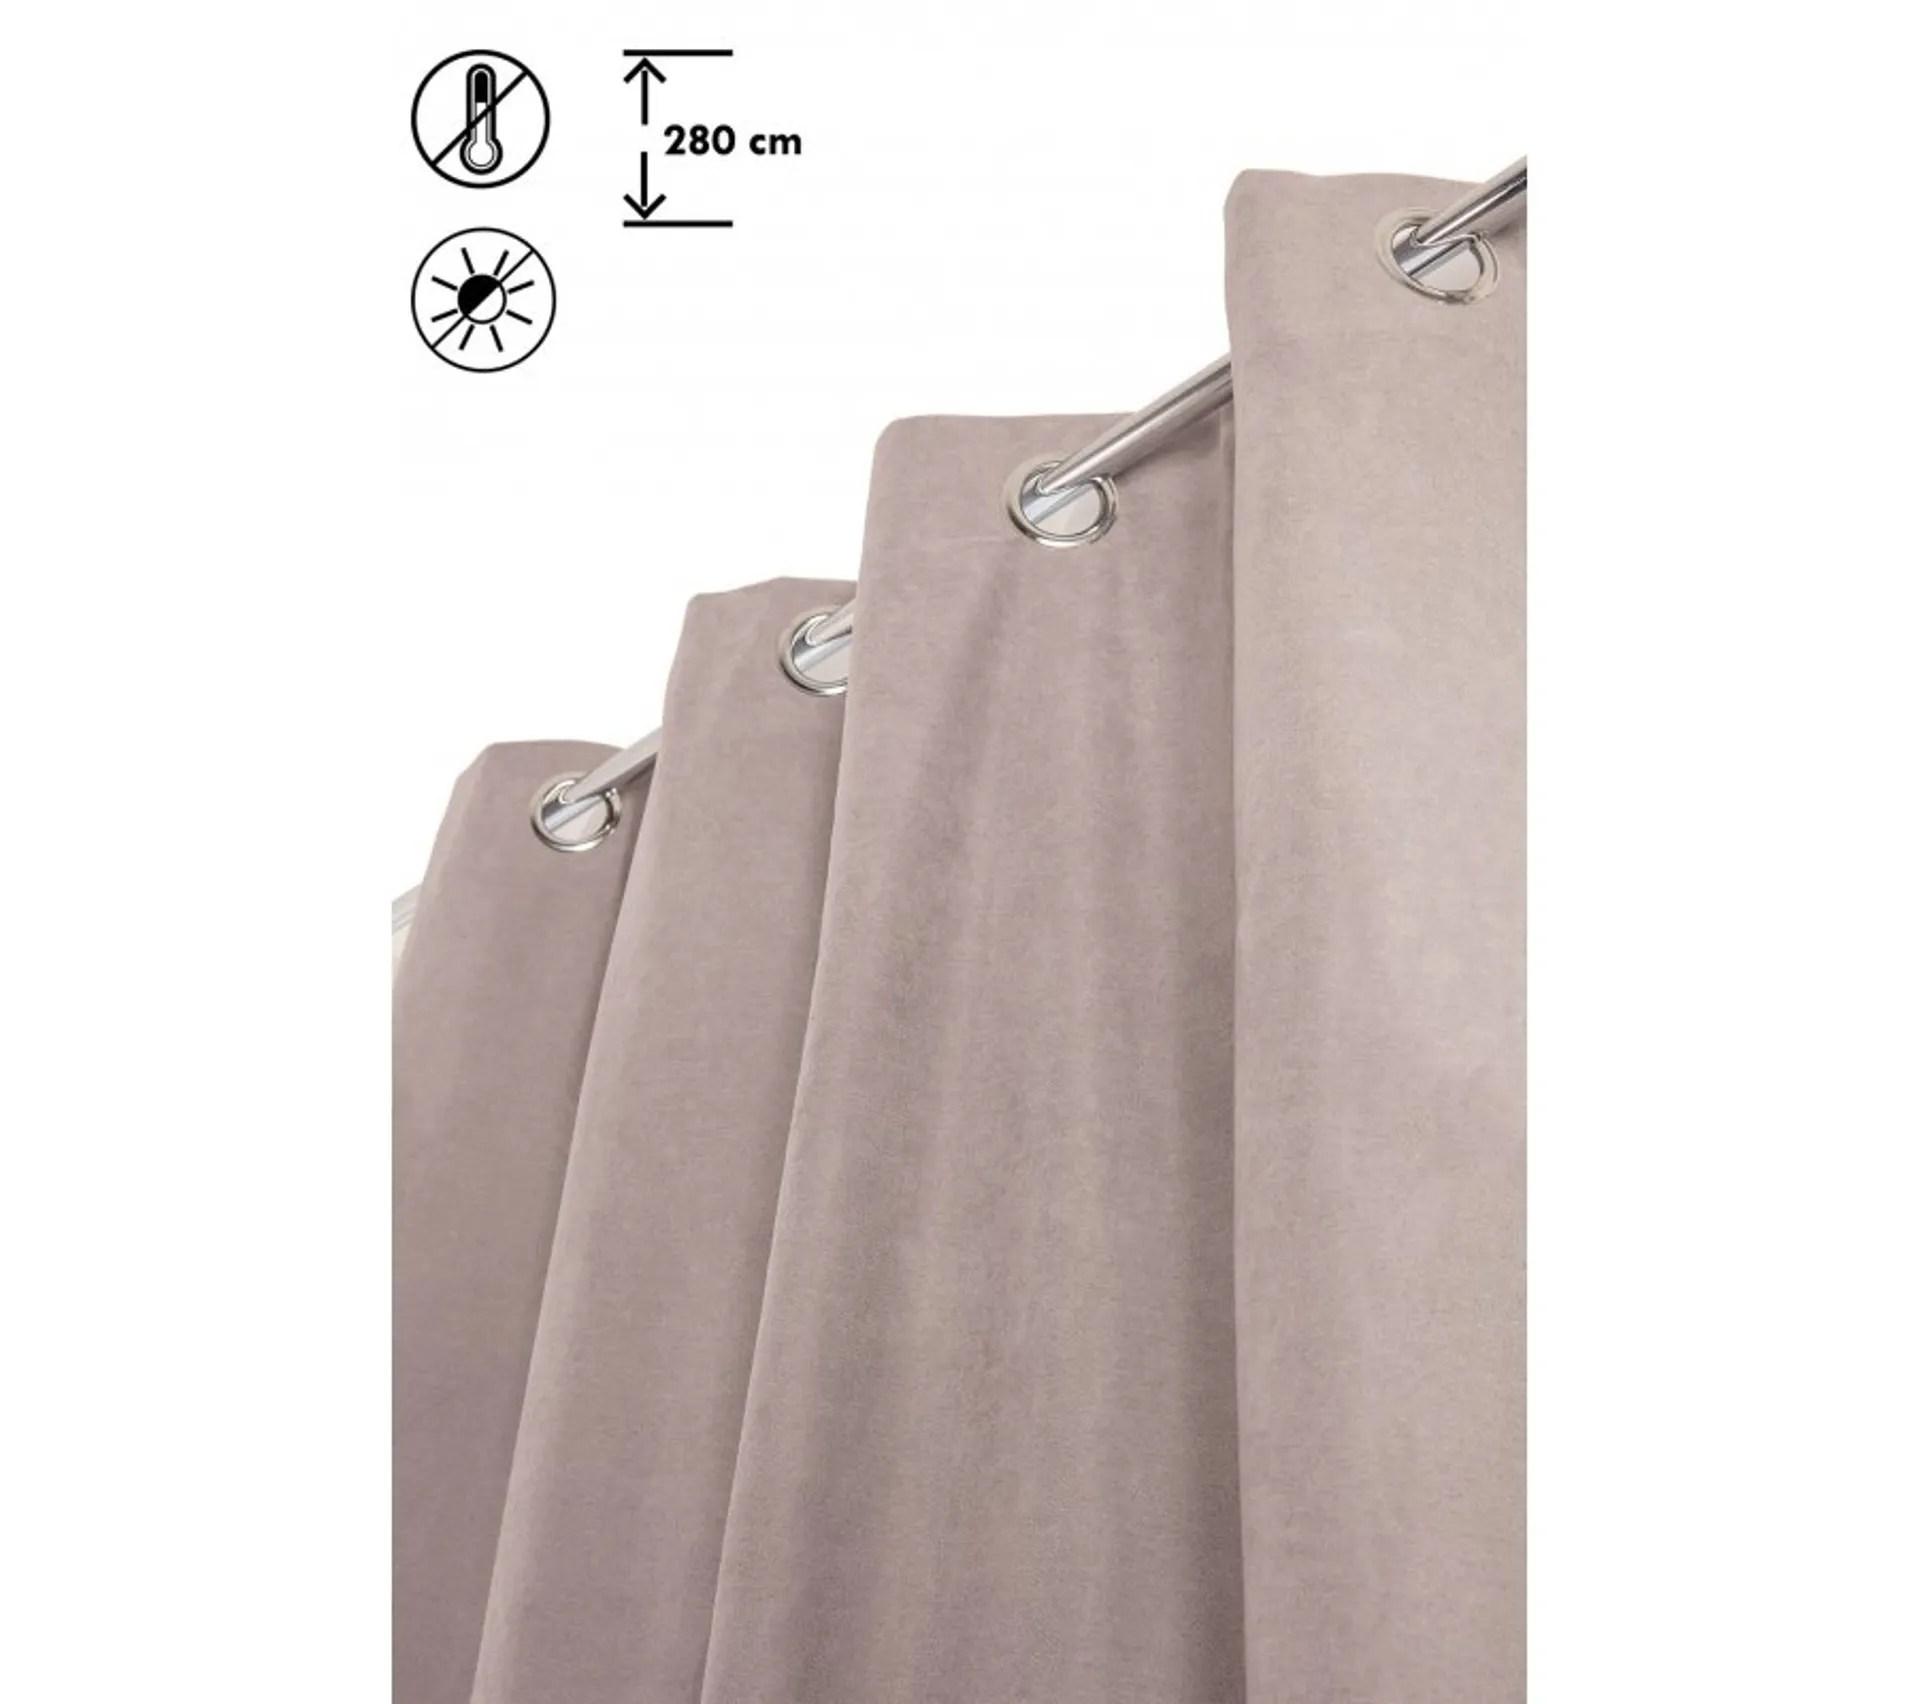 rideau occultant 135 x 280 cm grande hauteur effet velours thermique anti froid uni gris clair